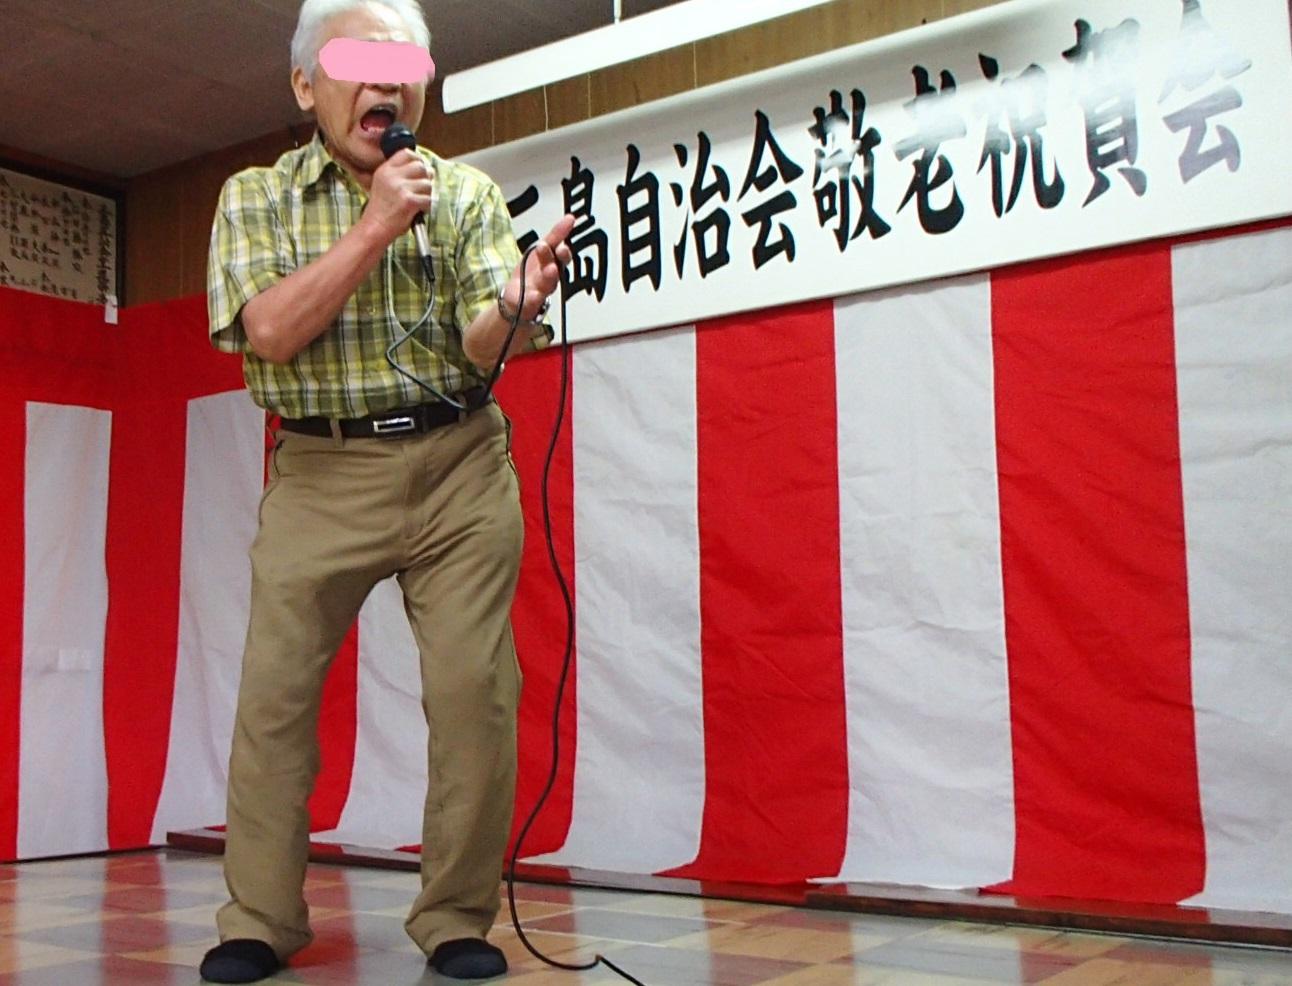 2017 9 17 熱唱の招待者 ブログ用.jpg